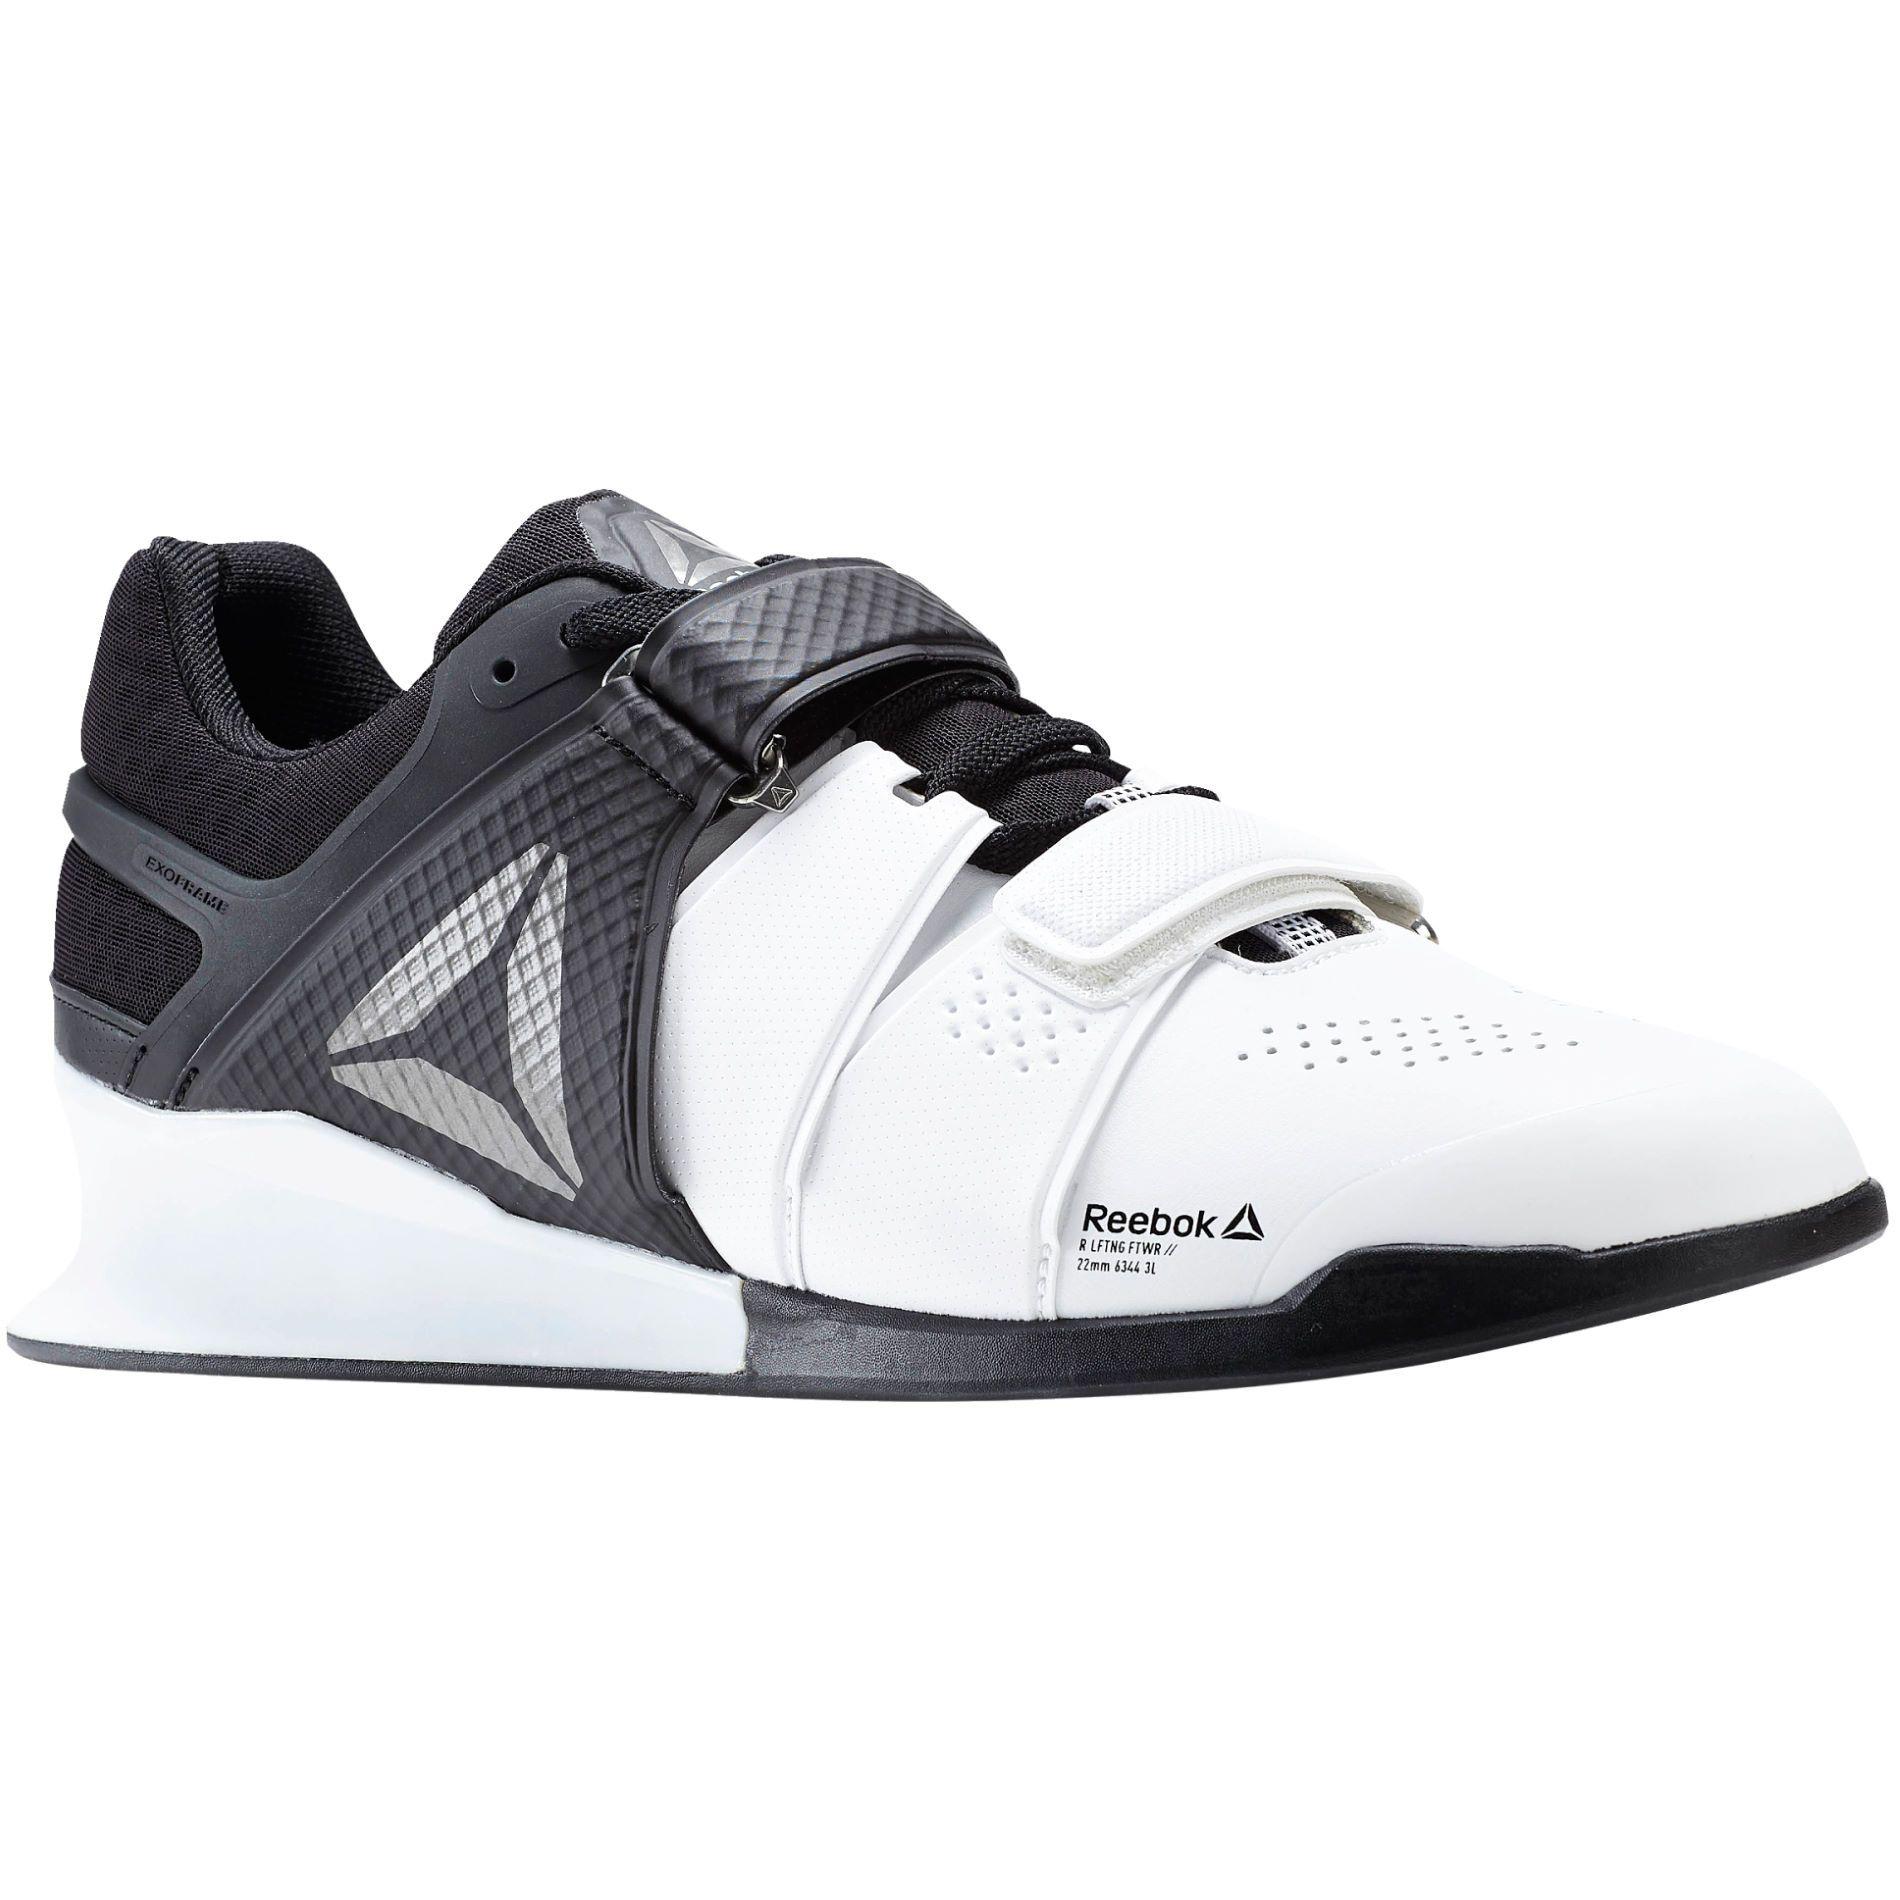 CN4734 Mens Reebok Legacy Lifter Crossfit Weightlifting Shoe